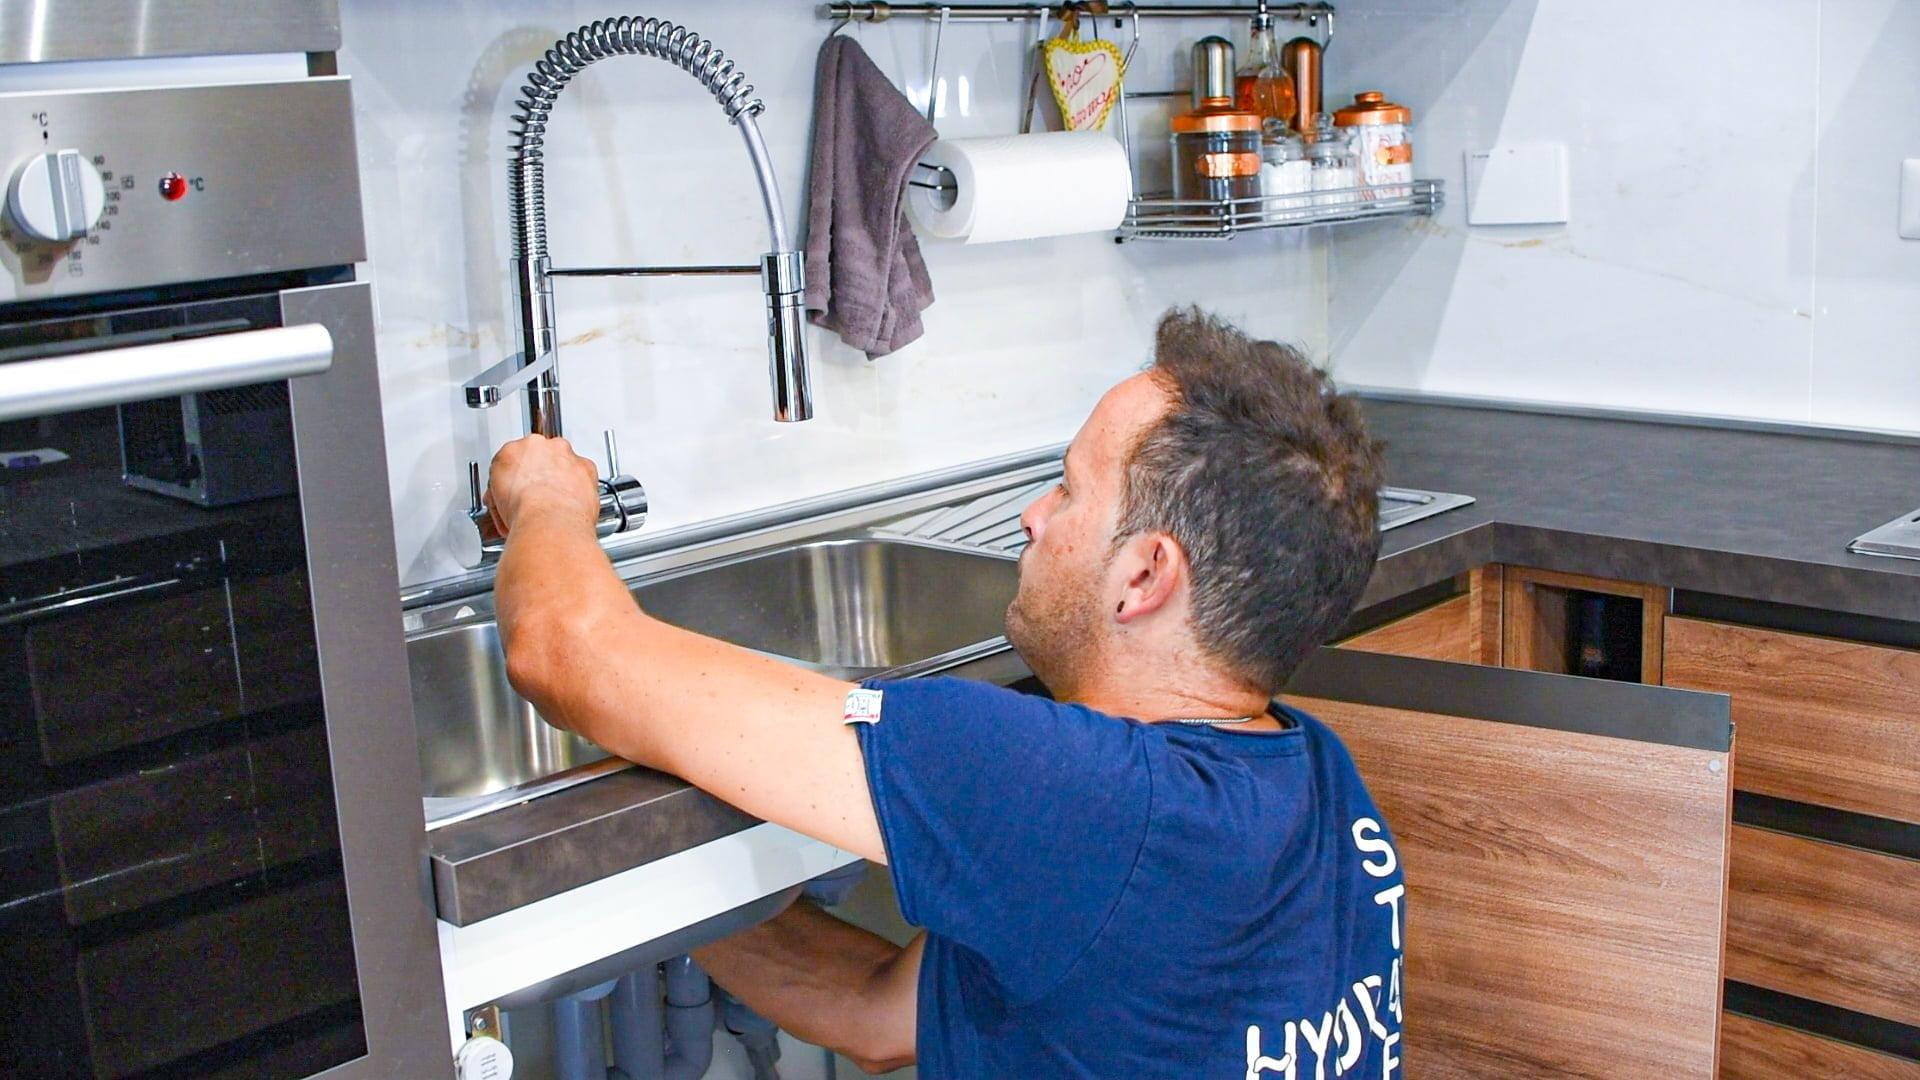 sostituire filtro osmosi